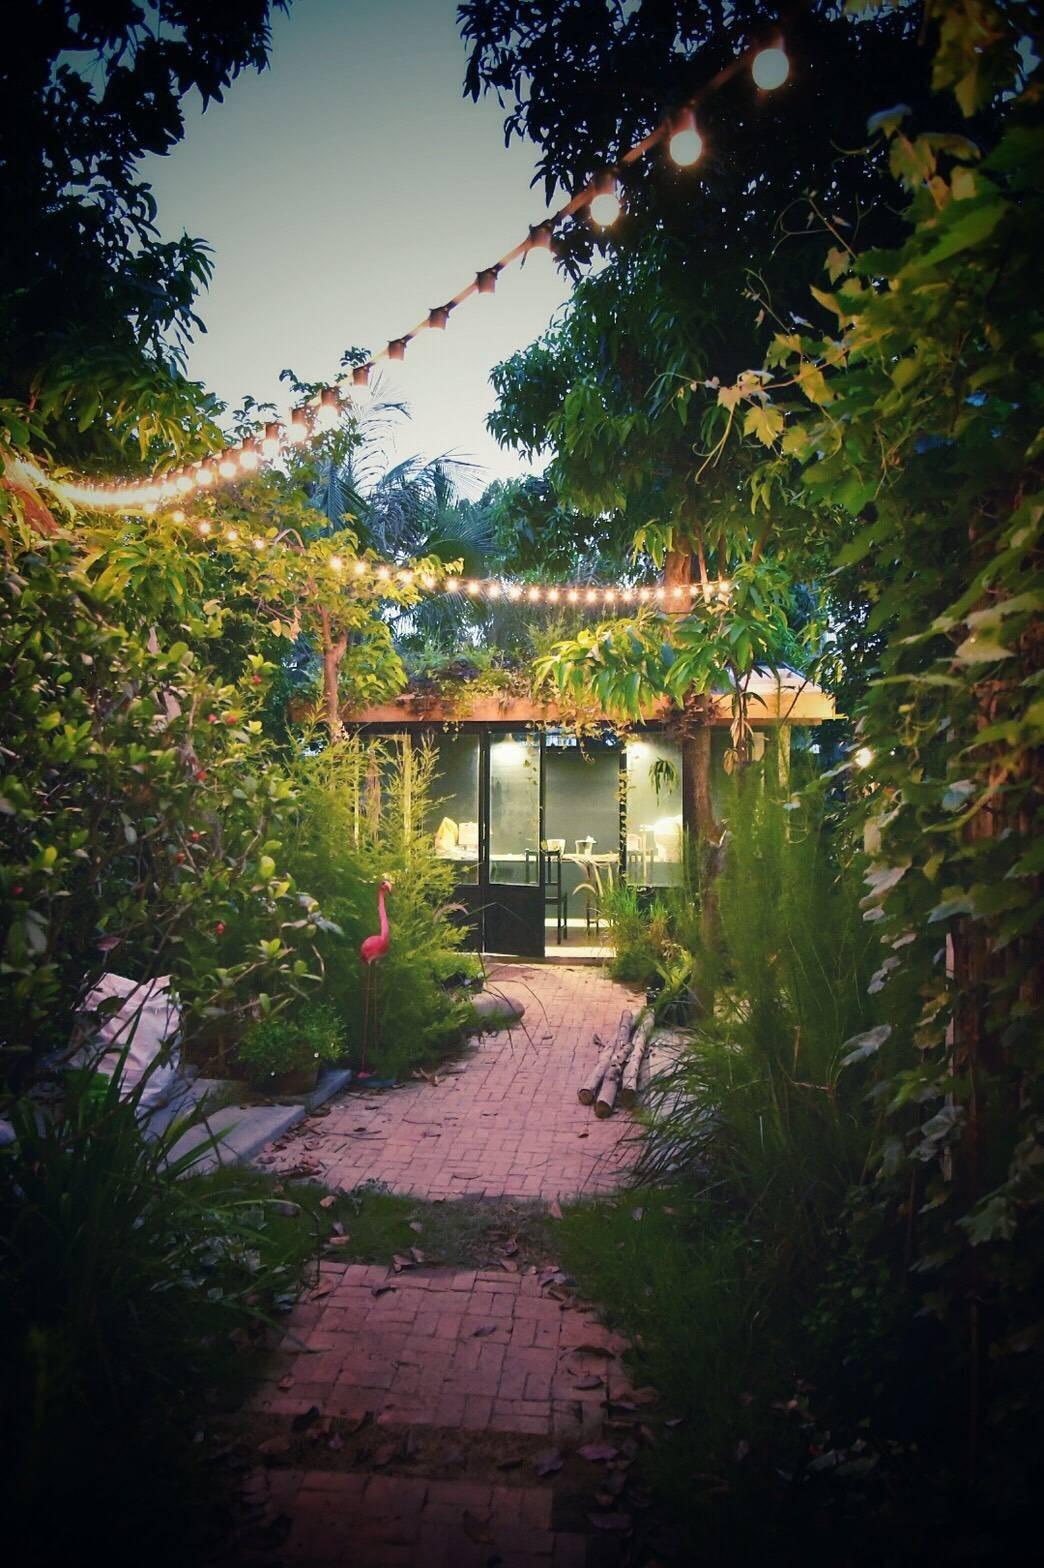 ชอบบรรยากาศในสวนมากค่ะ จัดปาร์ตี้เล็กๆ แบบส่วนตัวได้เลย